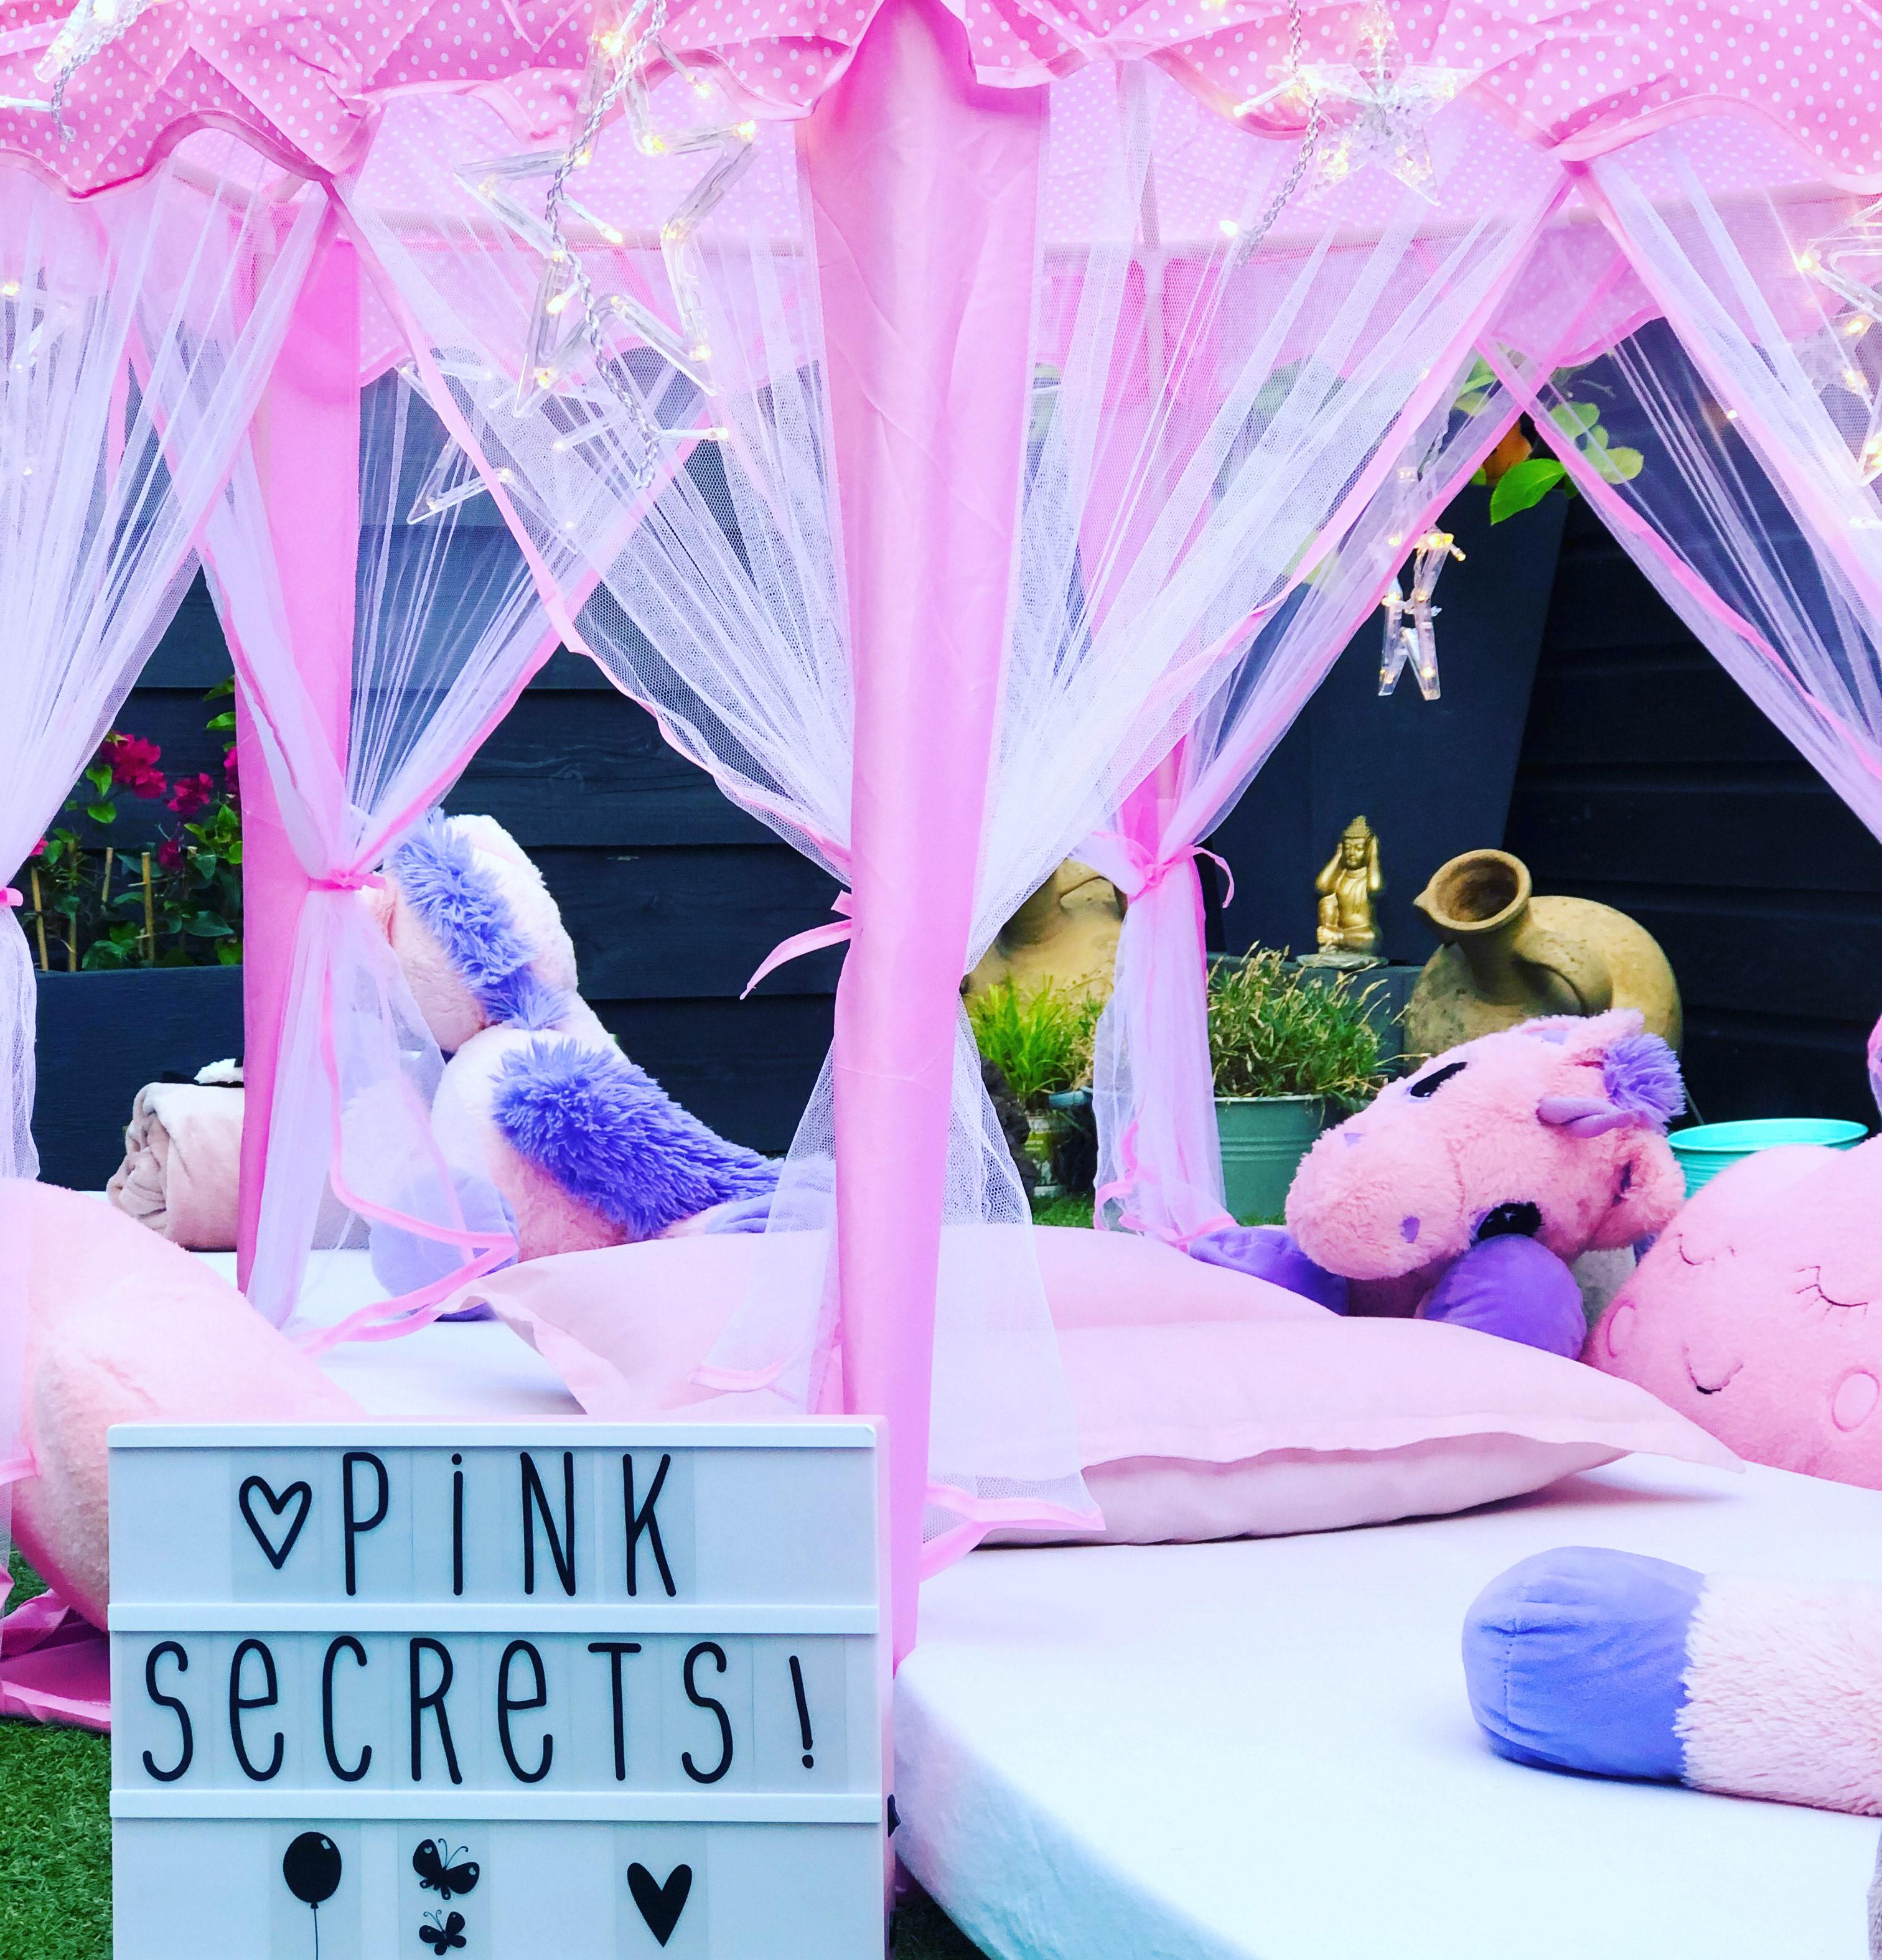 Pink secrets